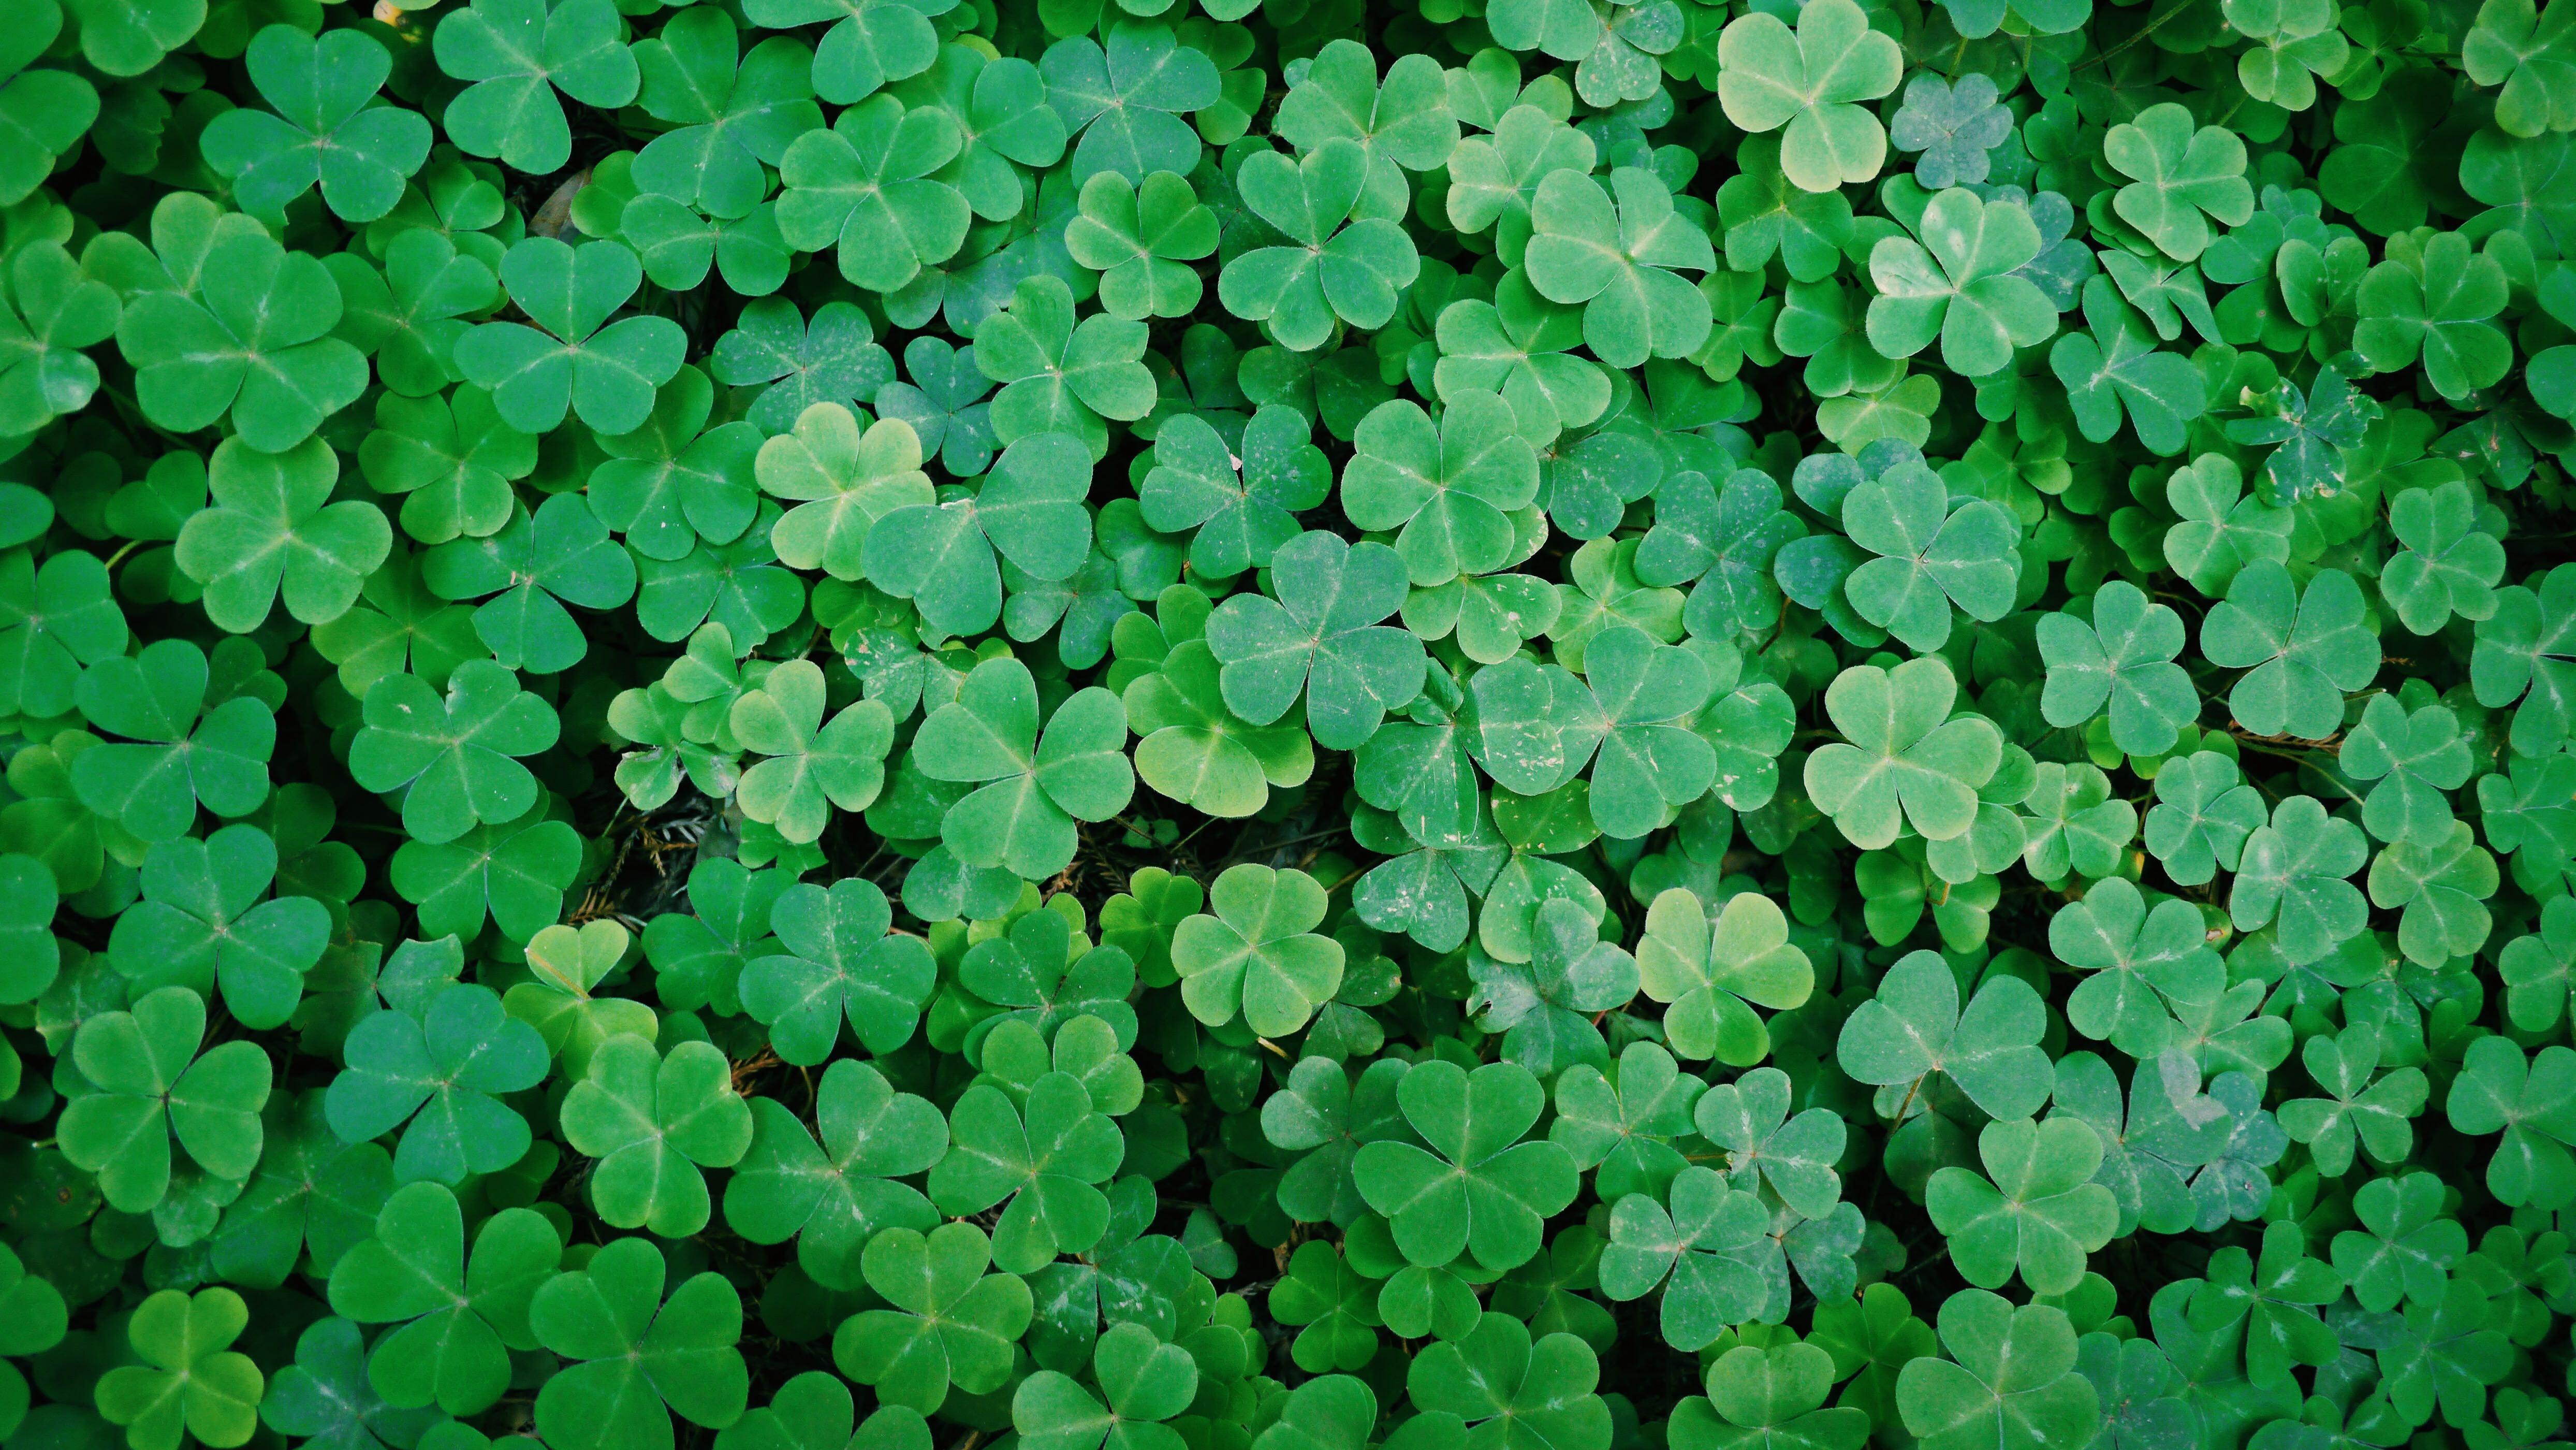 gratis afbeeldingen   gras  fabriek  blad  bloem  land